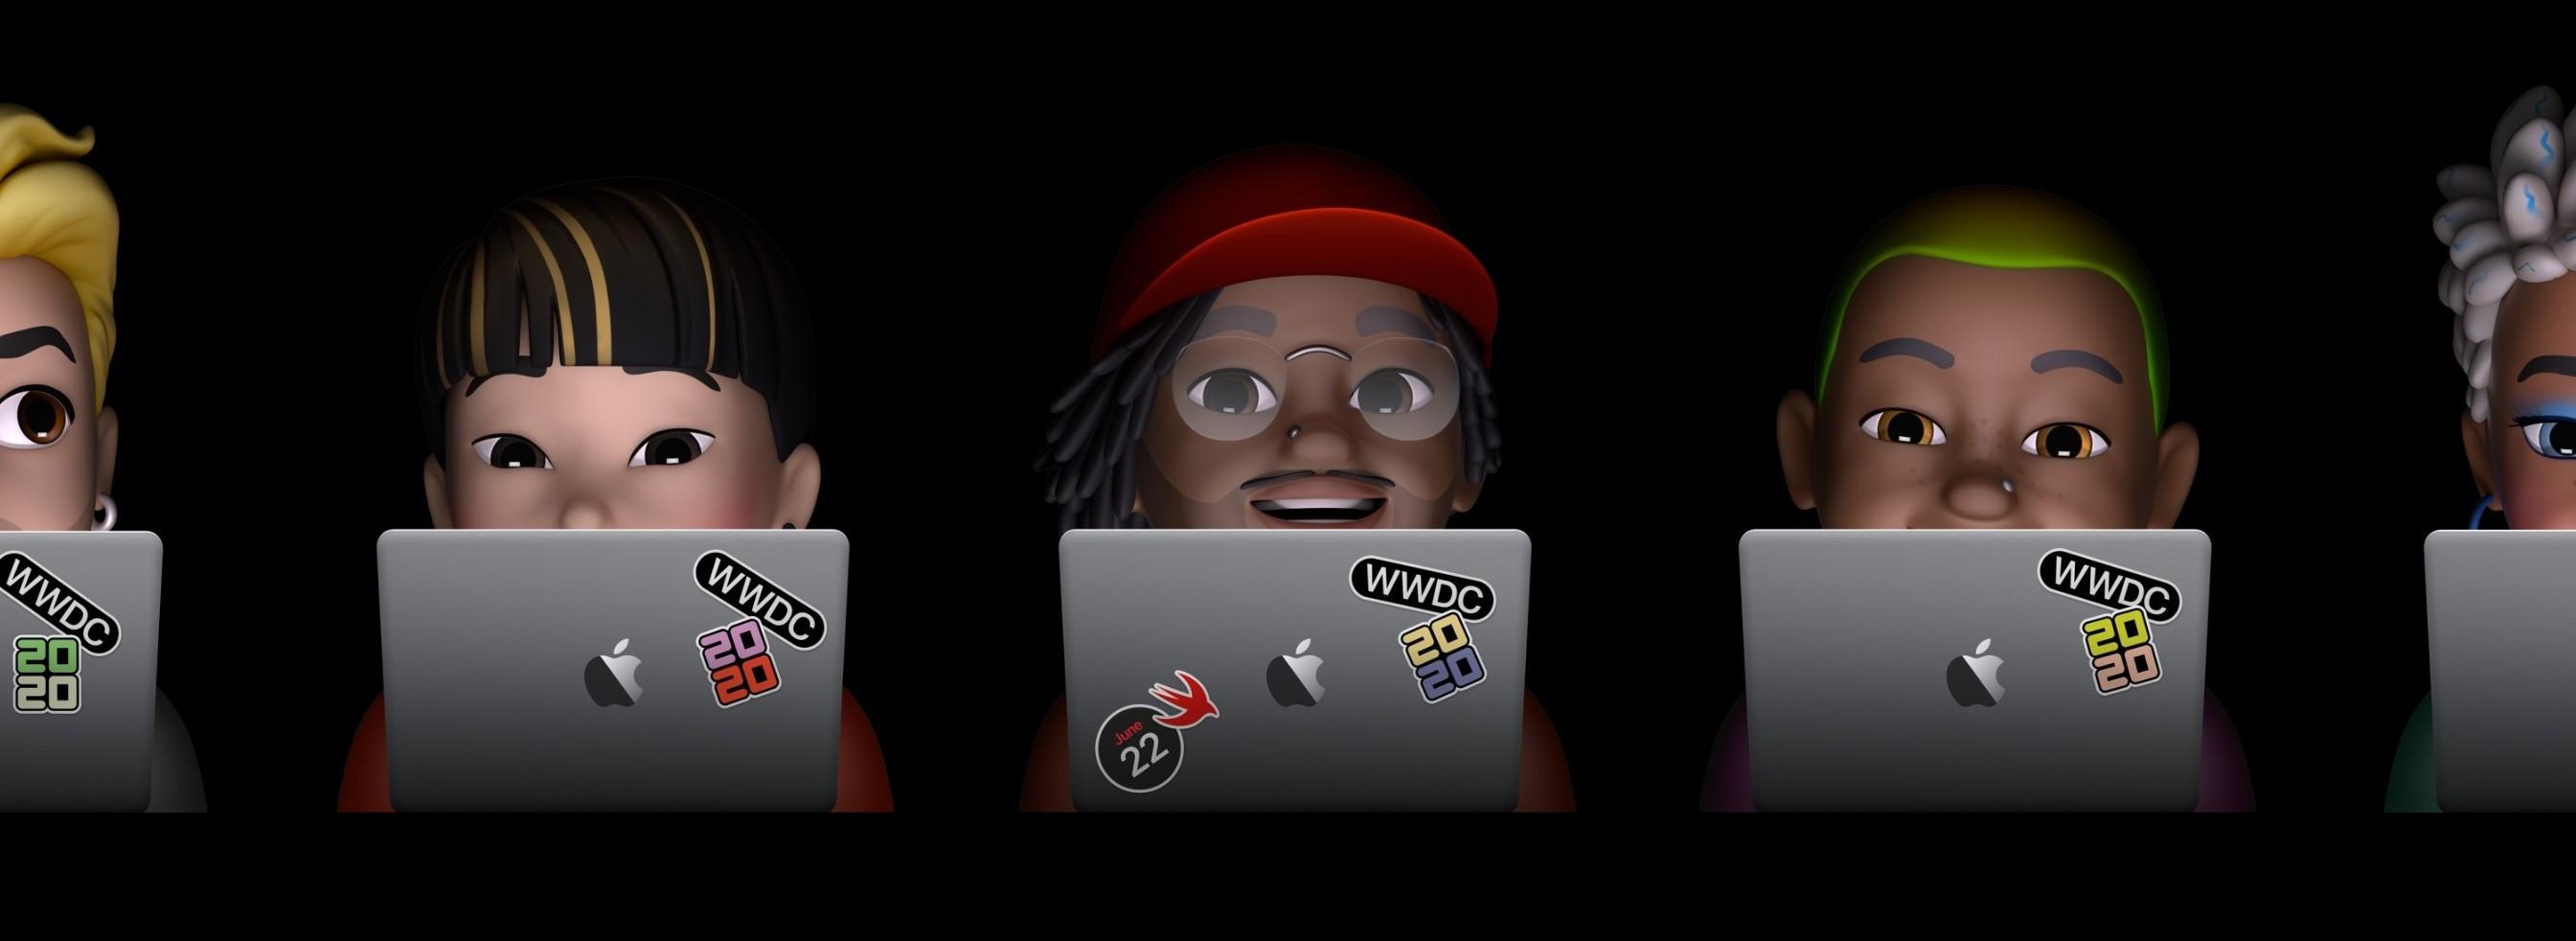 Nowy iOS 14 zostanie zaprezentowany na konferencji online. WWDC obejrzymy 22 czerwca 21